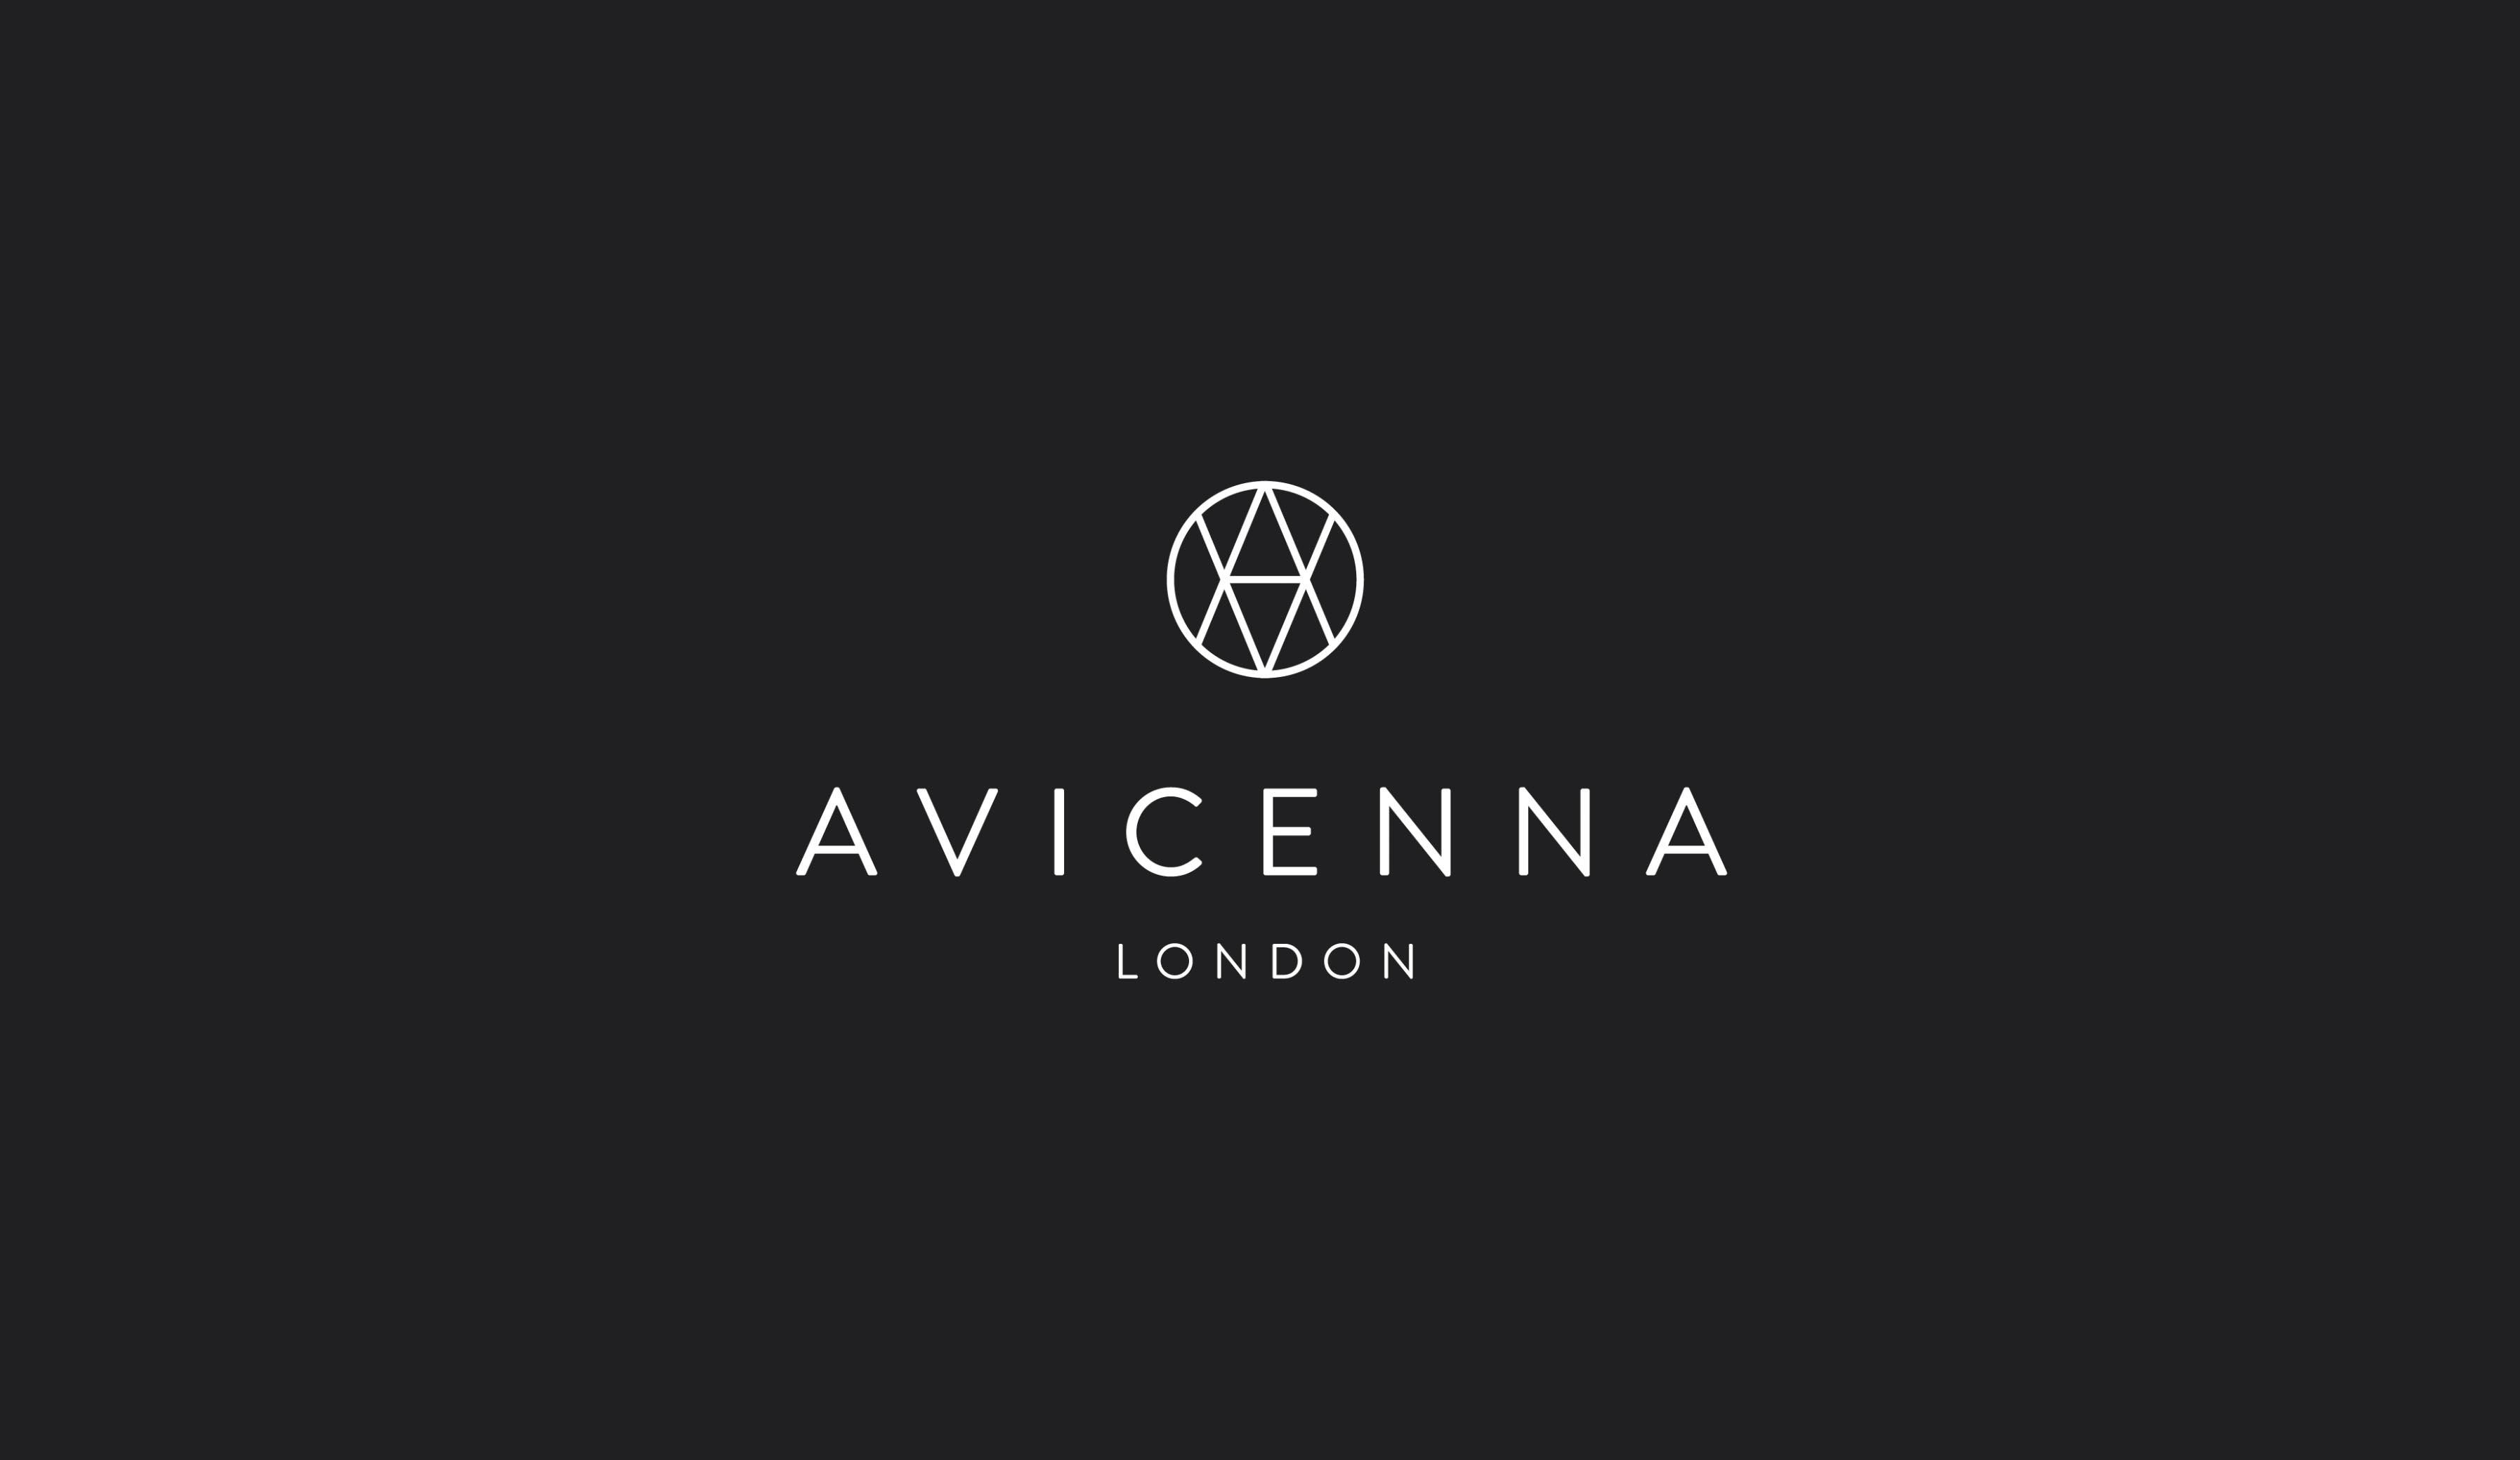 Avicenna perfume shop logo design